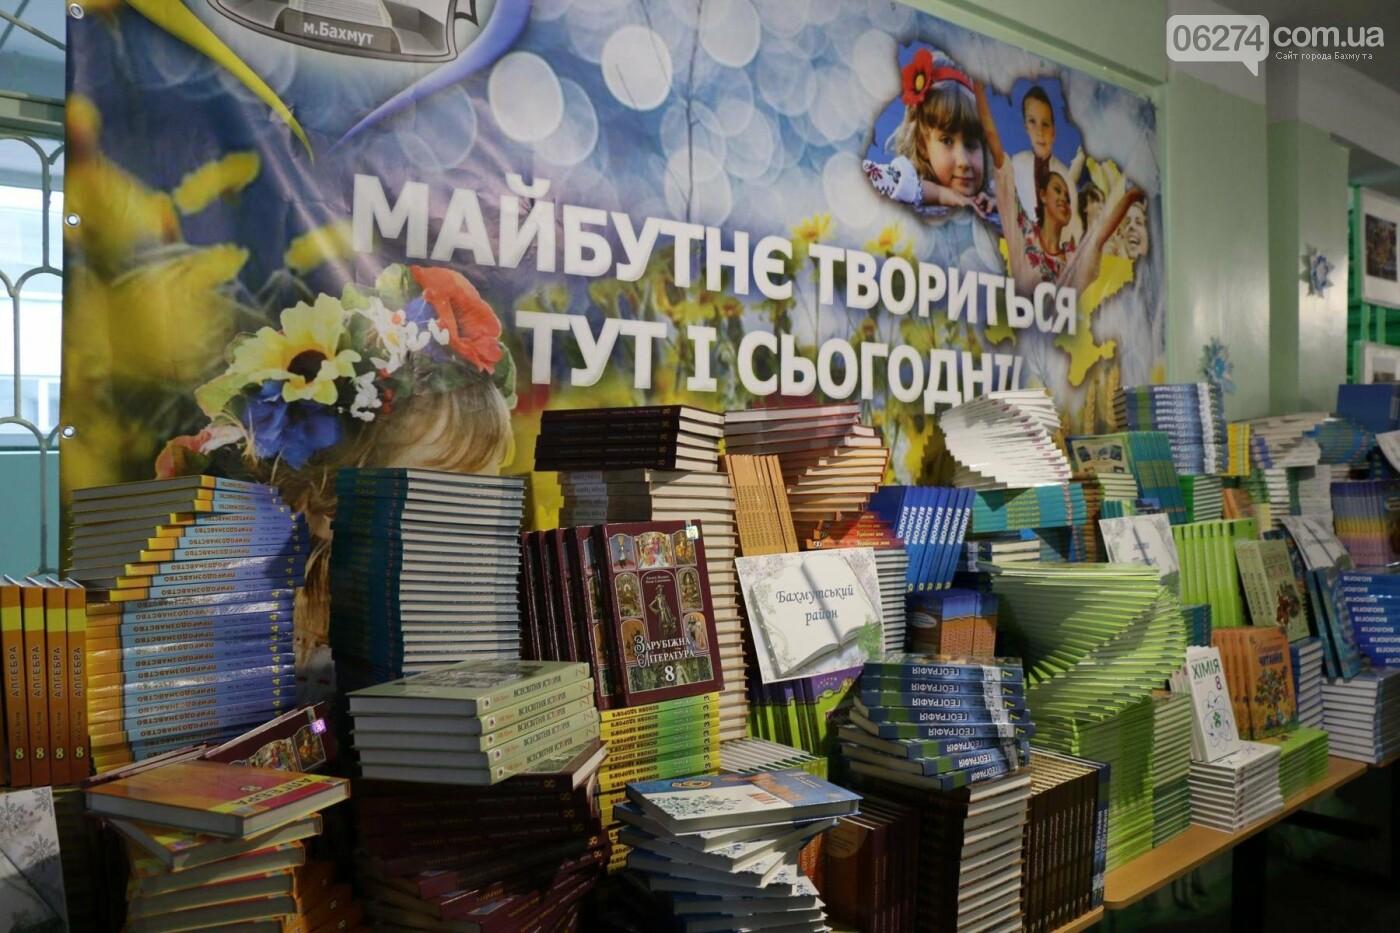 Президент Украины Петр Порошенко посетил Бахмут (ДОБАВЛЕНО ФОТО), фото-3